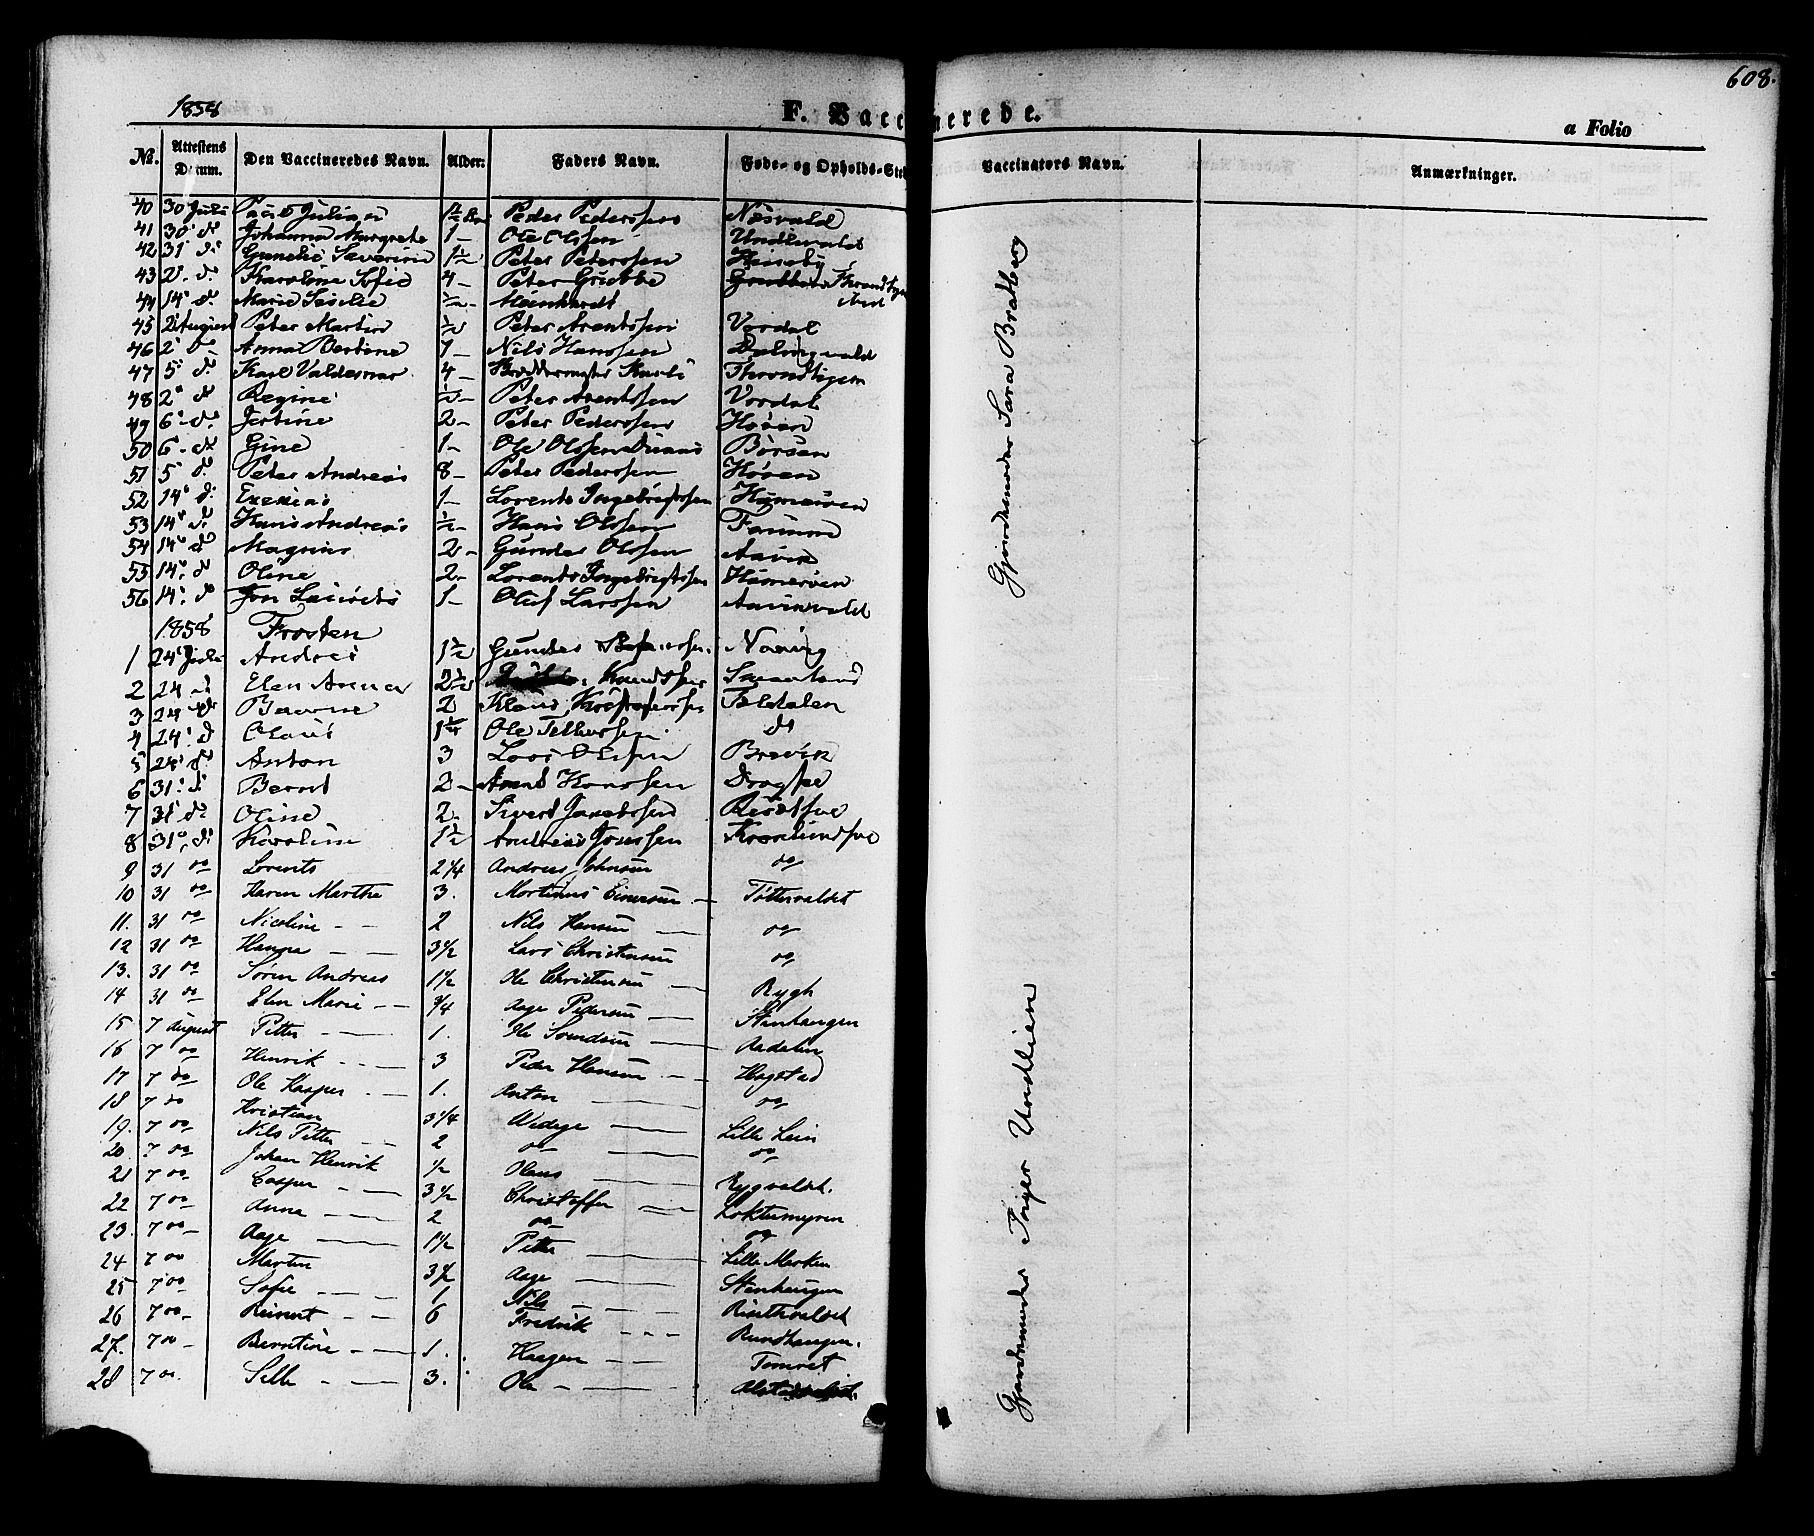 SAT, Ministerialprotokoller, klokkerbøker og fødselsregistre - Nord-Trøndelag, 713/L0116: Ministerialbok nr. 713A07 /1, 1850-1877, s. 608